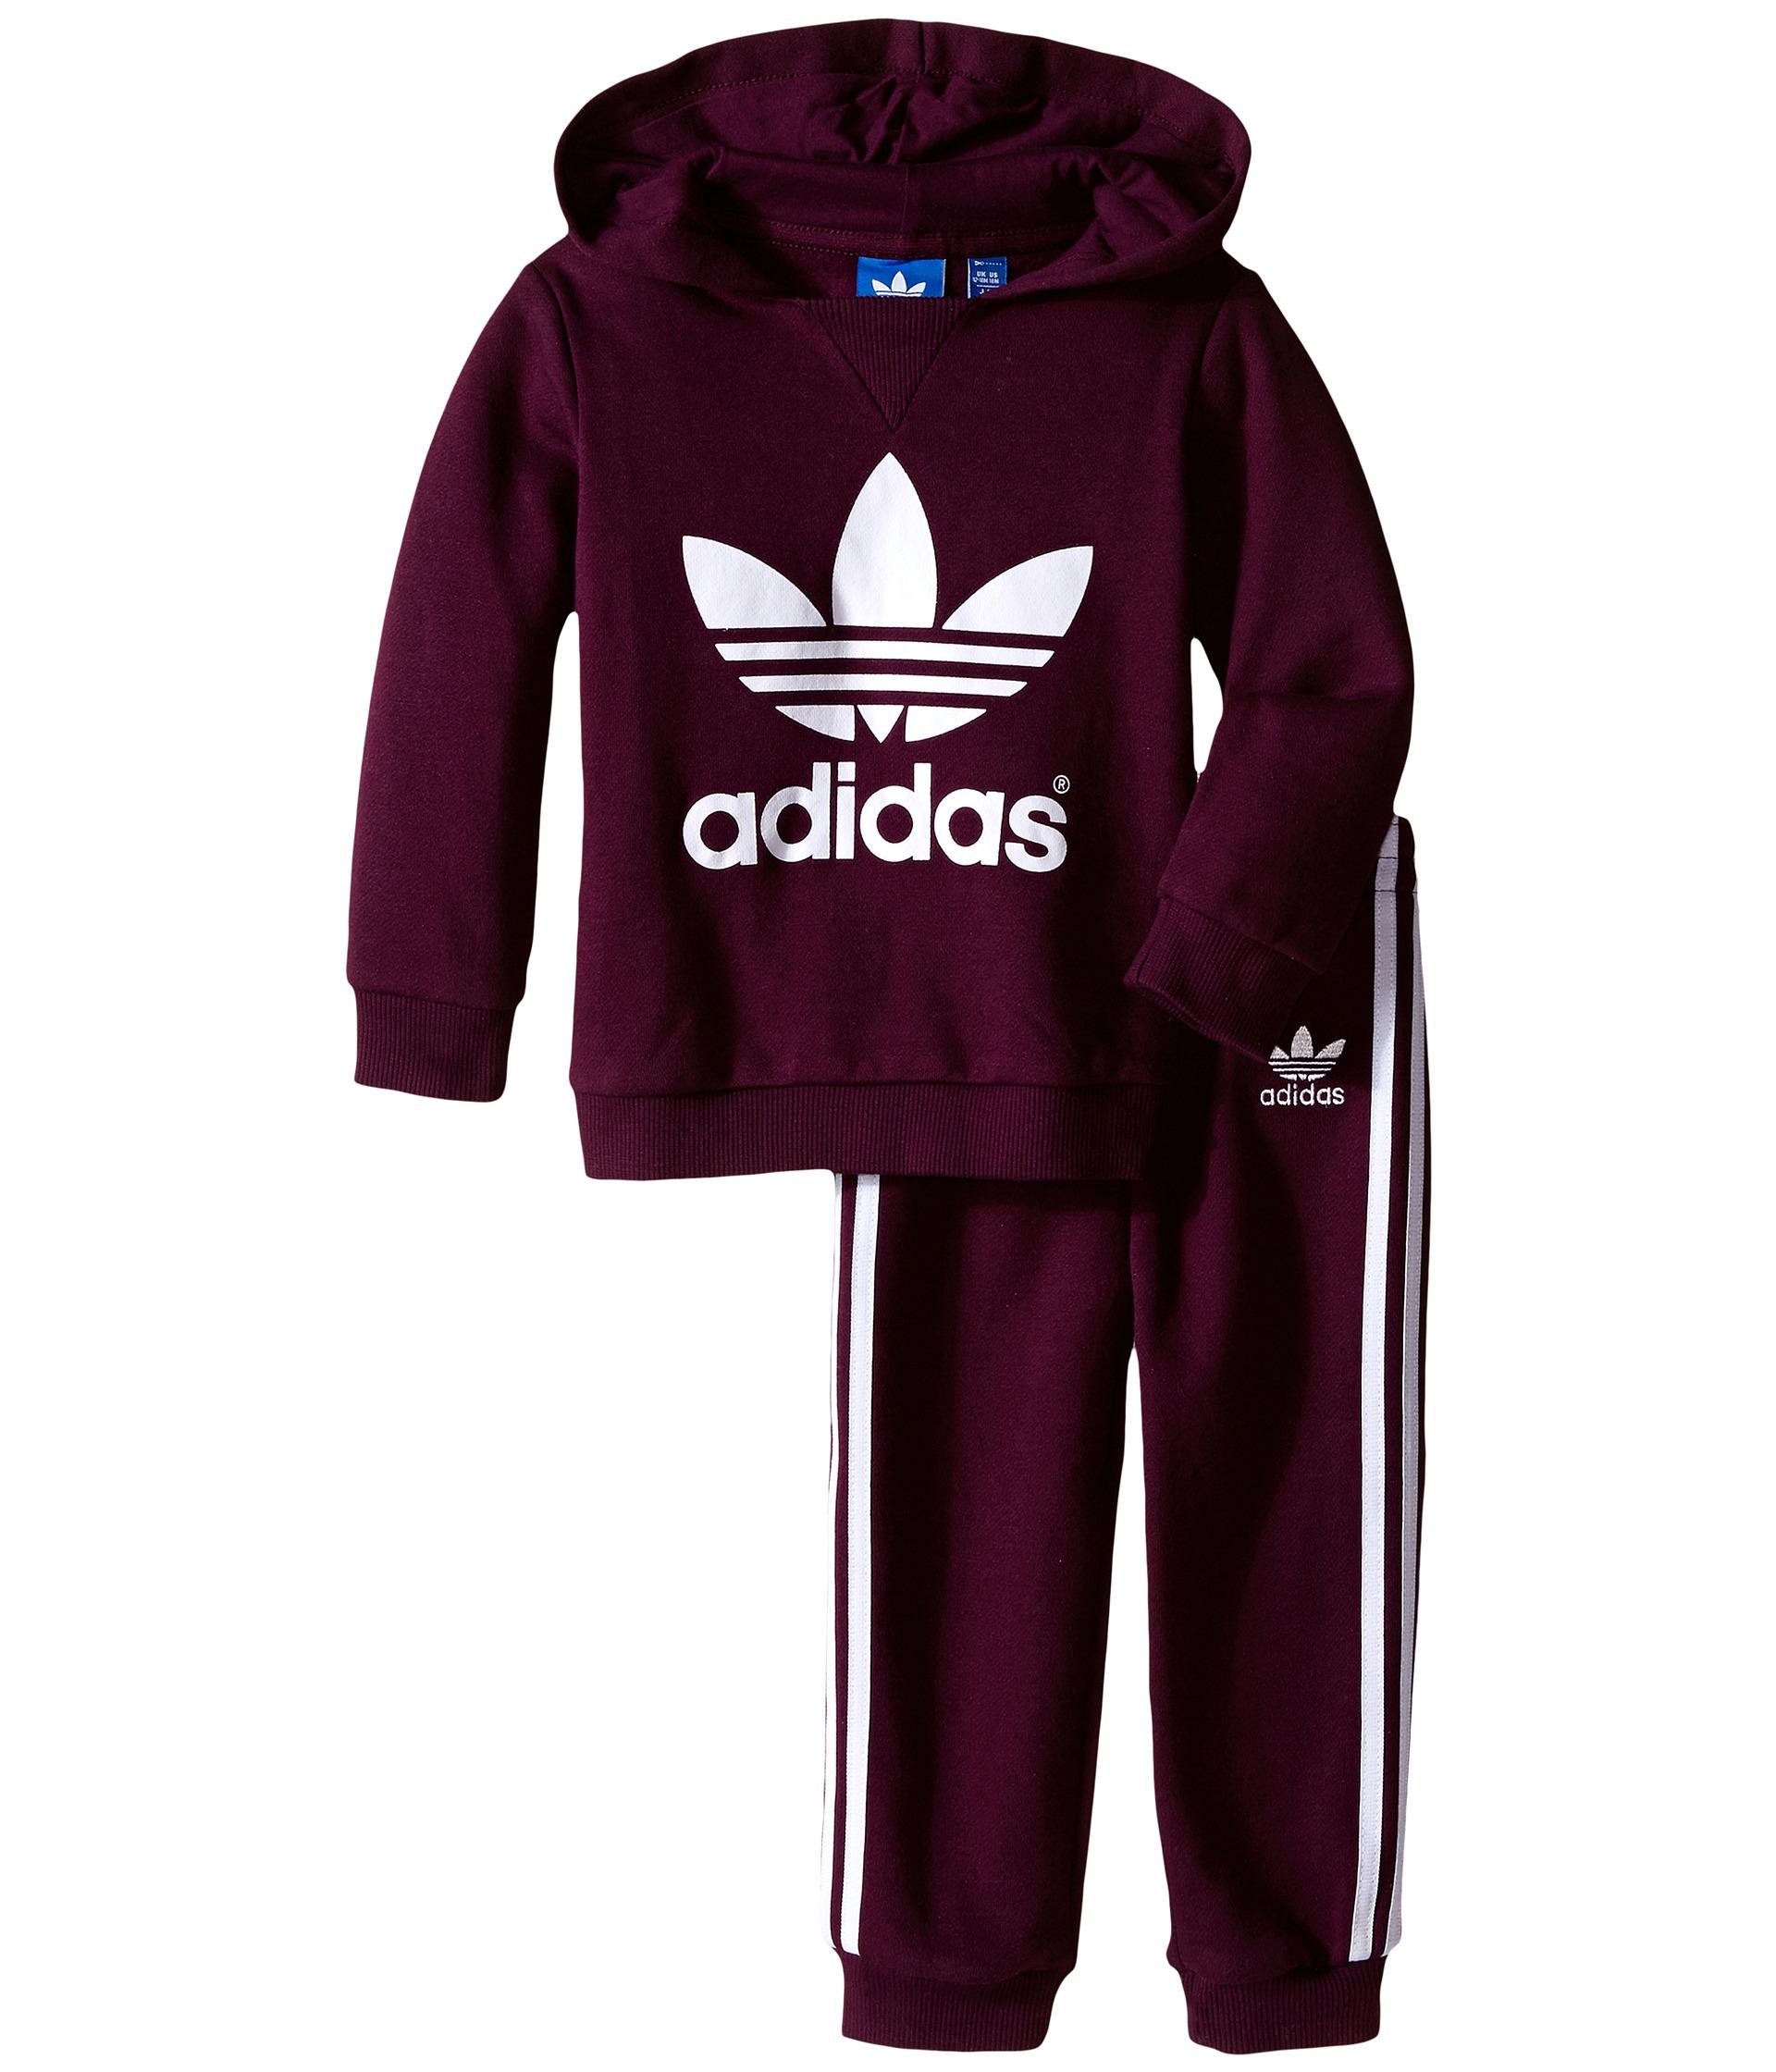 adidas Originals Kids Trefoil Set (Infant/Toddler ...